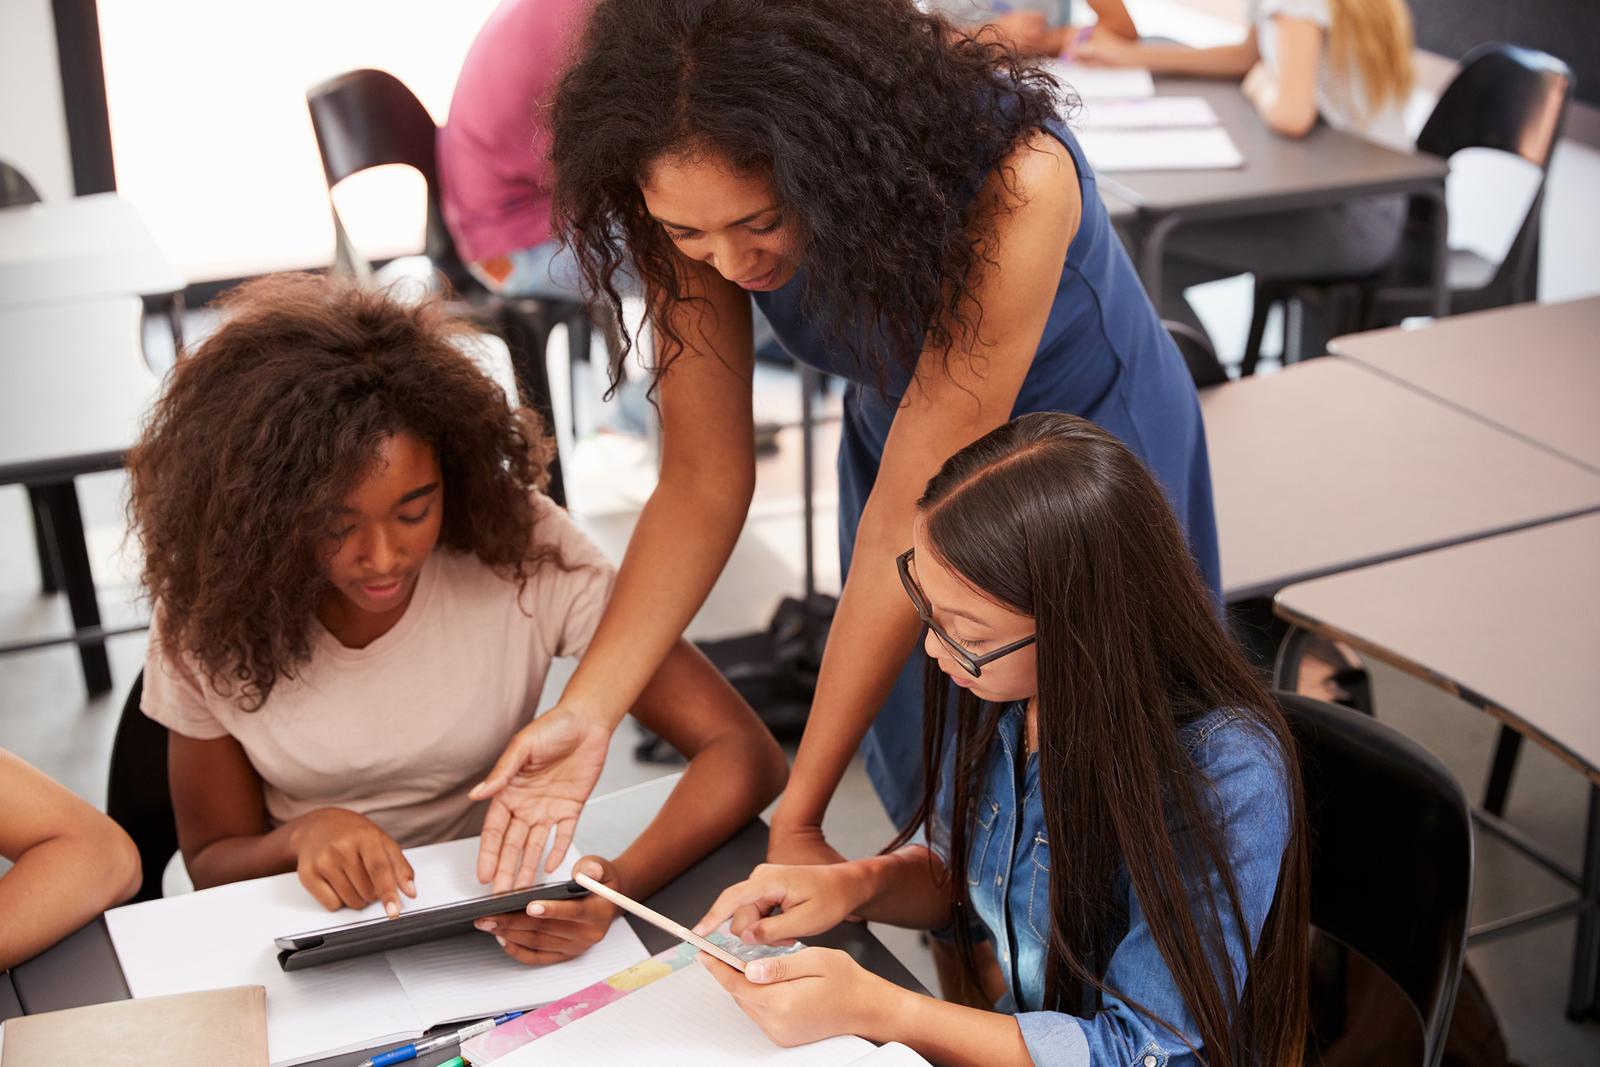 En este Edu bit te explicaremos cómo integrar la tecnología educativa de Google para motivar a los alumnos y desarrollar cinco competencias formativas: autogestión, colaboración y comunicación, pensamiento crítico, creatividad e innovación y responsabilidad social y personal. - Foto: Bigstock